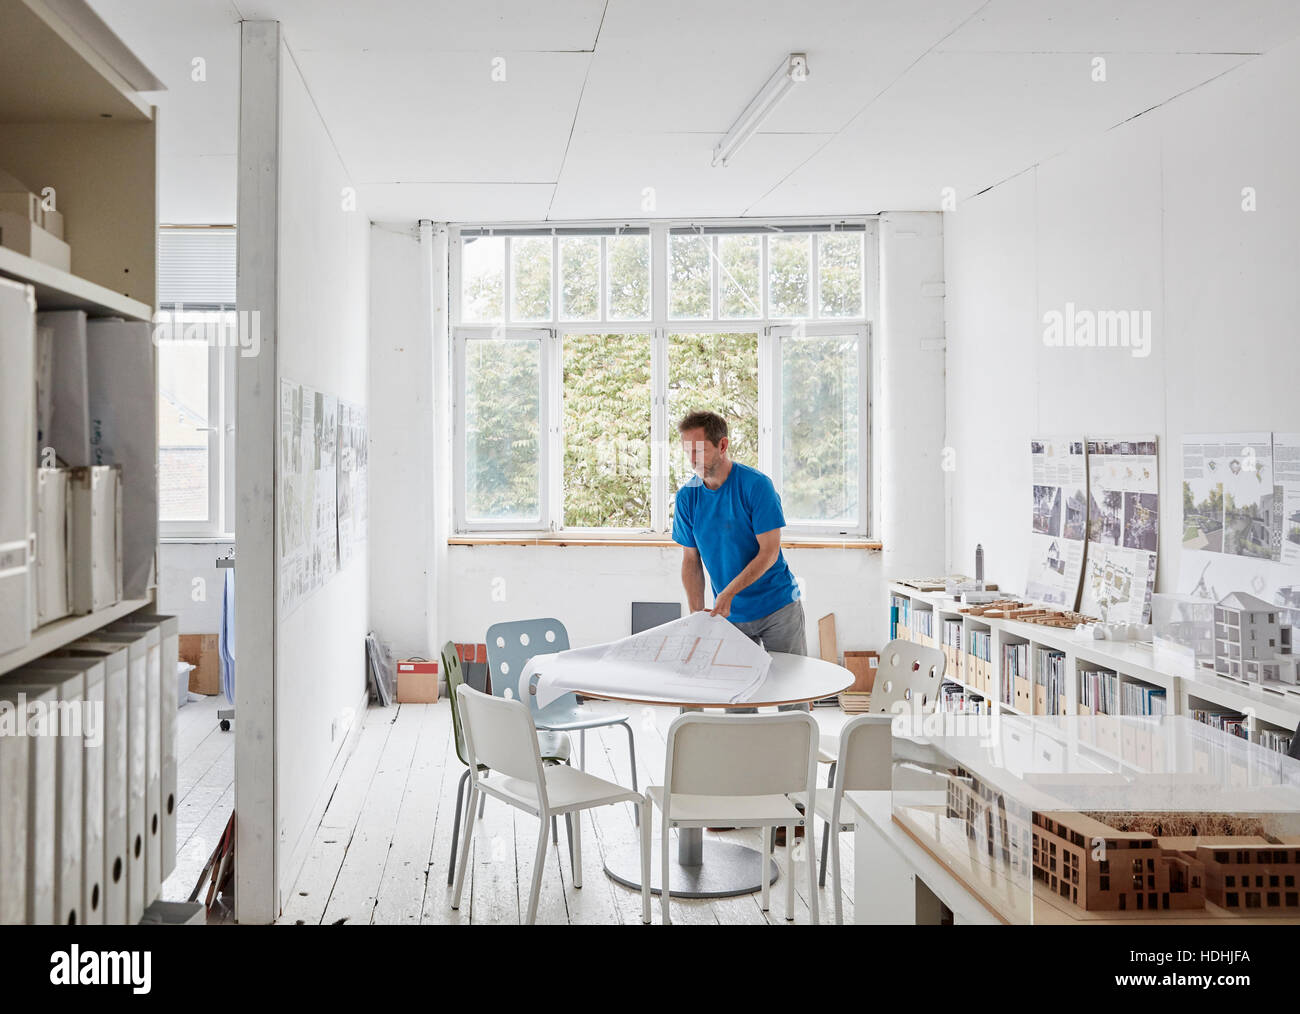 Ein modernes Büro. Ein Mann betrachtet man Pläne an einem Tisch, Bauzeichnungen. Gebäudemodelle in Stockbild